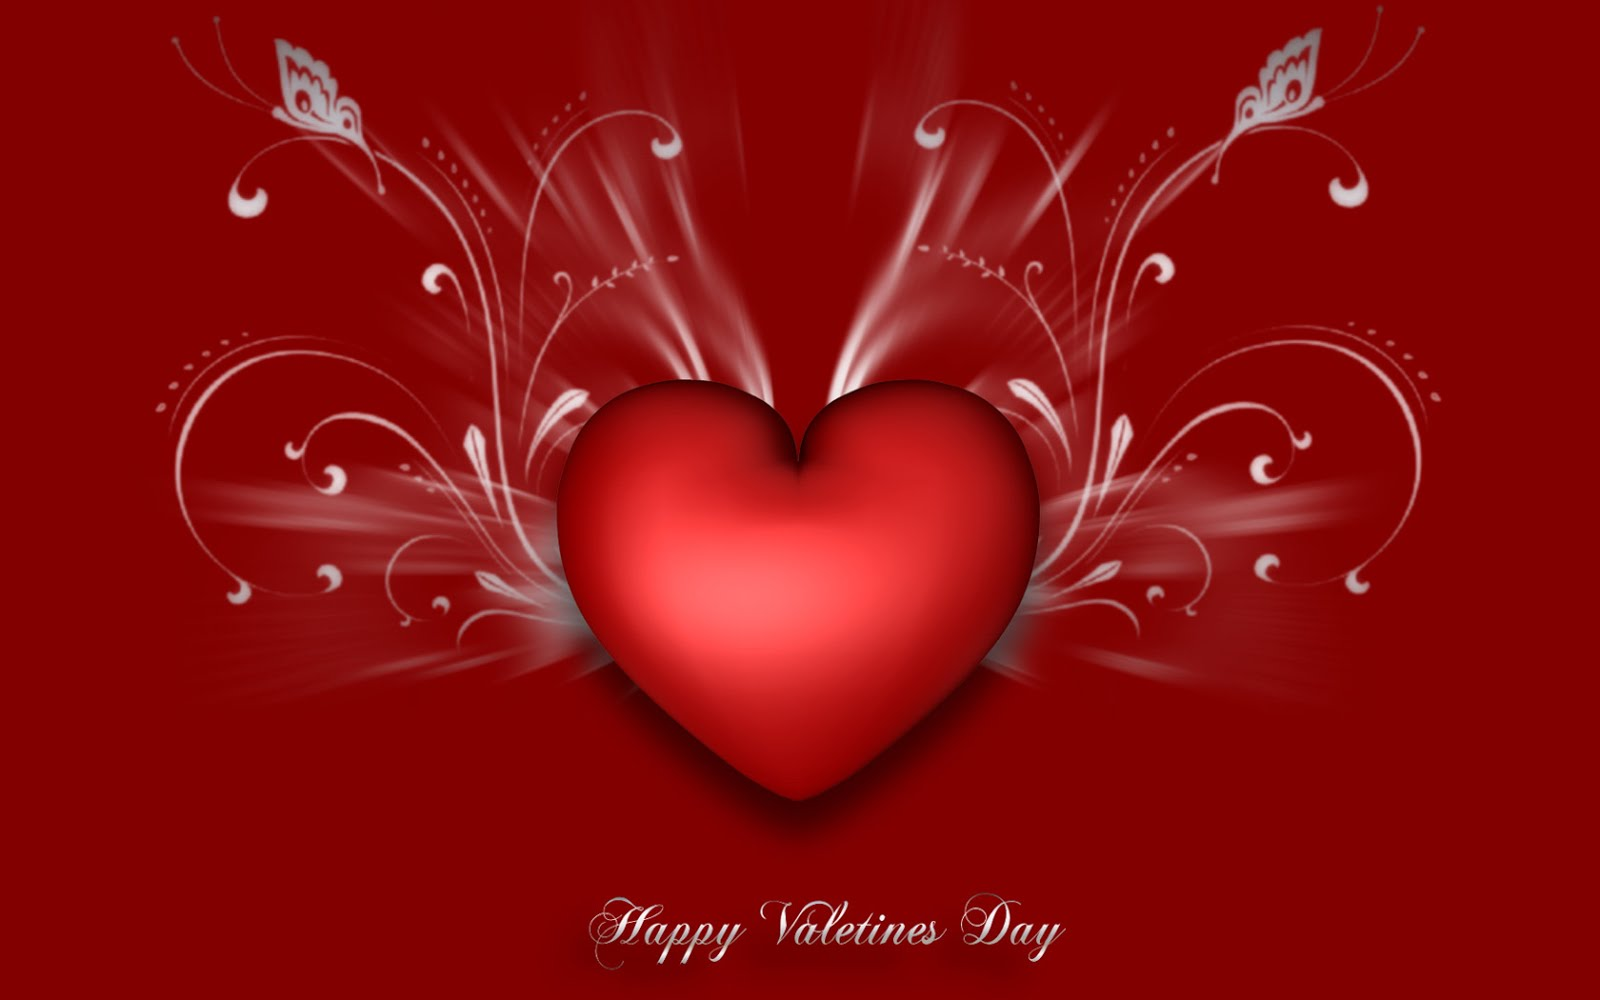 Kata-kata Ucapan Valentine 2013 (Terbaru)